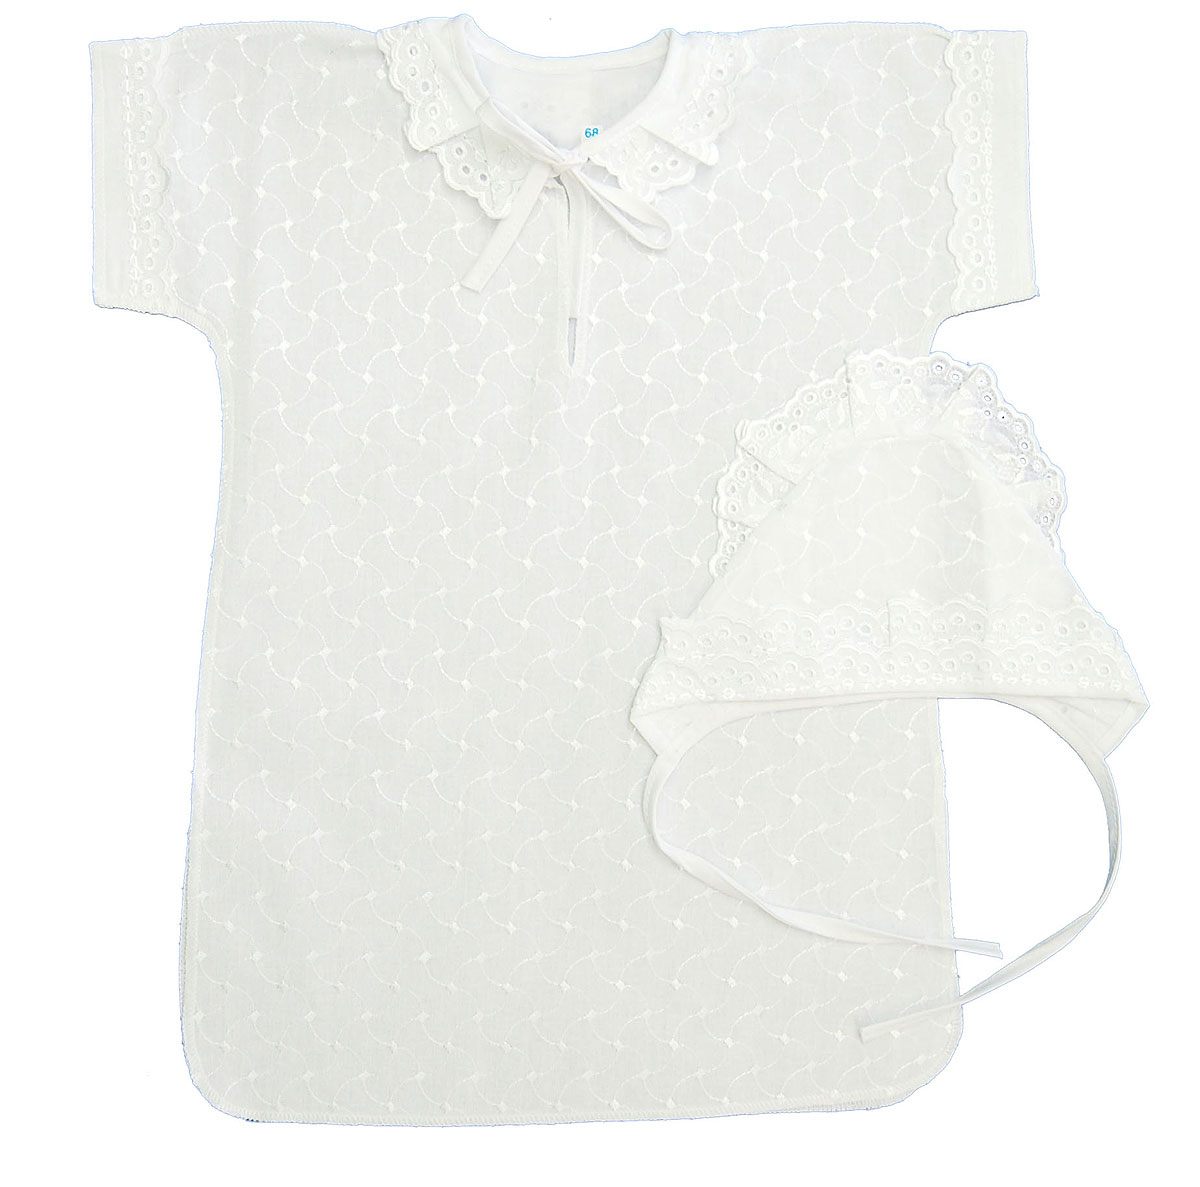 Комплект для крещения детский Трон-плюс: рубашка, чепчик, цвет: белый. 1403. Размер 62, 3 месяца1403Великолепный комплект для крещения Трон-плюс состоит из рубашки и чепчика. Изготовленный из натурального хлопка, он необычайно мягкий и приятный на ощупь, не сковывает движения младенца и позволяет коже дышать, не раздражает нежную кожу ребенка, обеспечивая ему наибольший комфорт. Рубашечка прямого кроя с короткими цельнокроенными рукавами спереди украшена вышивкой. Вырез горловины дополнен завязками и украшен ажурными рюшами. Край рукавов также украшен ажурными рюшами. Низ изделия по бокам дополнен двумя разрезами. Мягкий чепчик необходим любому младенцу, он защищает еще не заросший родничок, щадит чувствительный слух малыша, прикрывая ушки, и предохраняет от теплопотерь. Чепчик украшен вышивкой, ажурными рюшами. Затылочная часть рюшей изи широкого шитья. Такой комплект станет незаменимым для обряда Крещения и поможет сделать его запоминающимся.